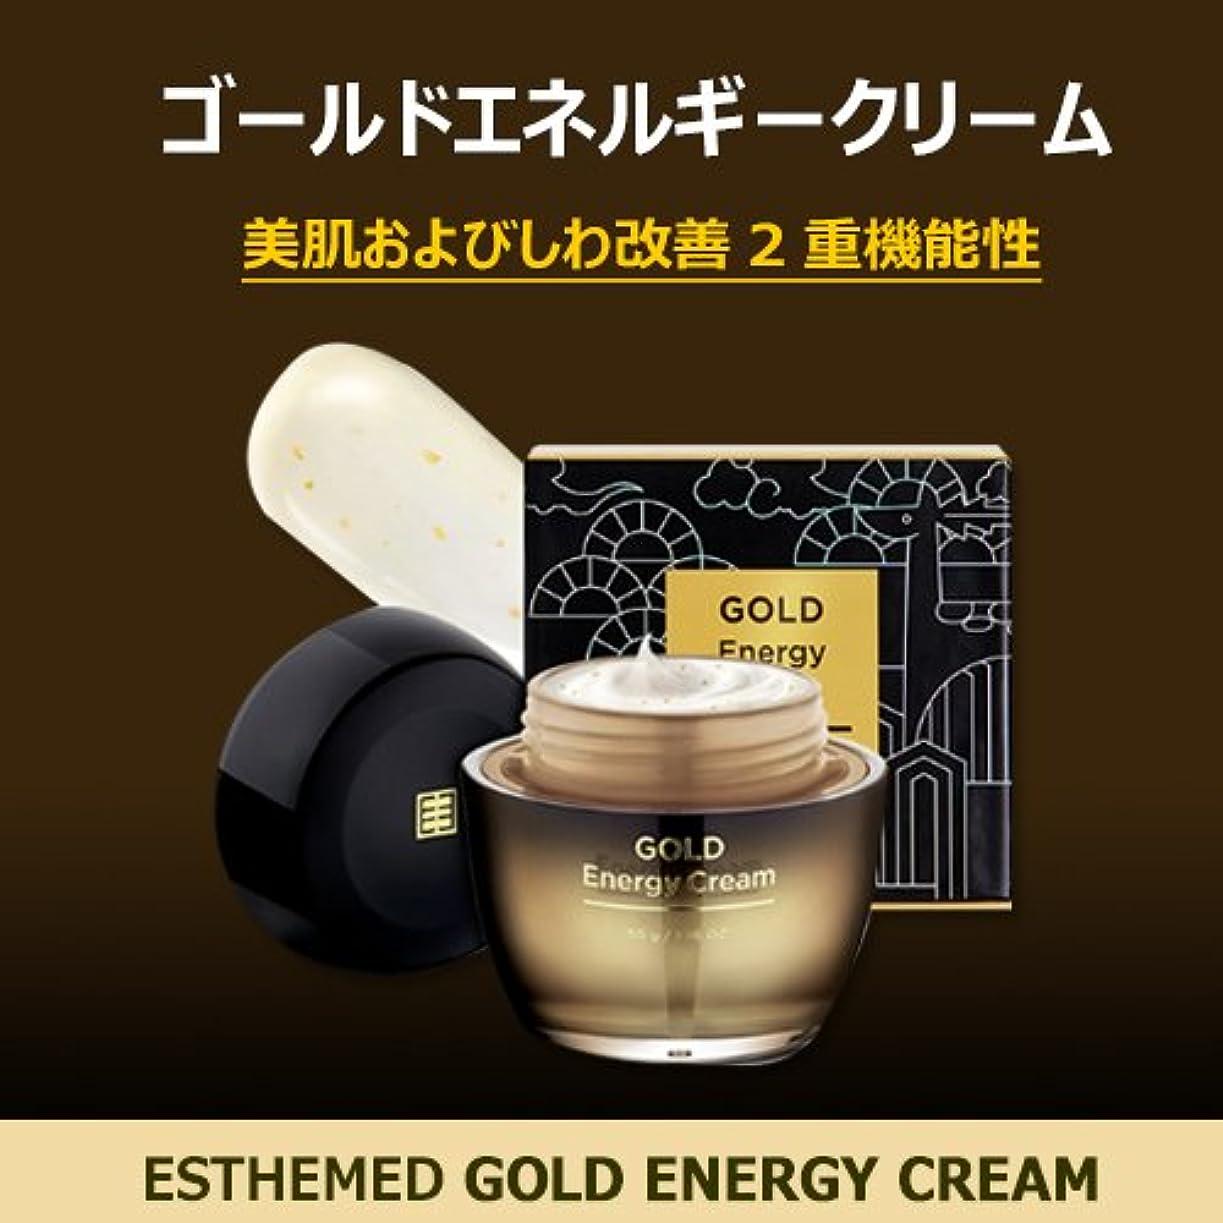 試みる大臣文芸ESTHEMED エステメド ゴールド エネルギー クリーム GOLD Energy Cream 50g 【 シワ改善 美肌 保湿 回復 韓国コスメ 】